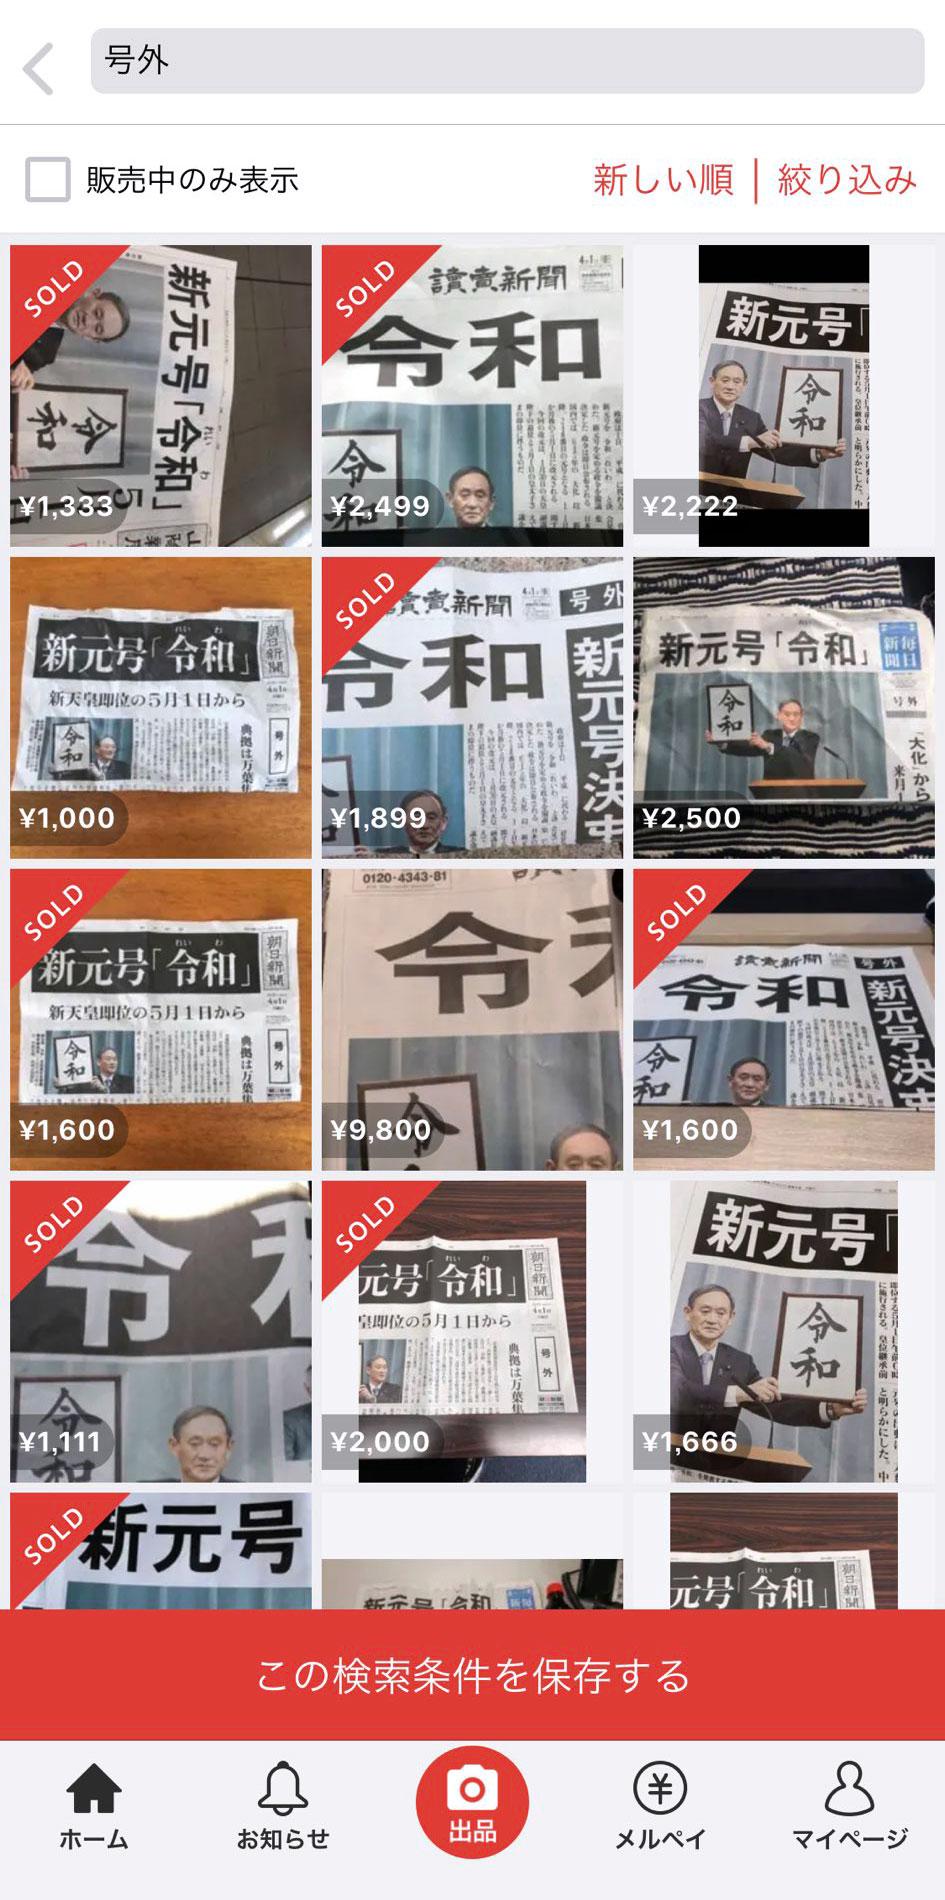 新元号「令和」発表の号外がさっそくメルカリで売られる